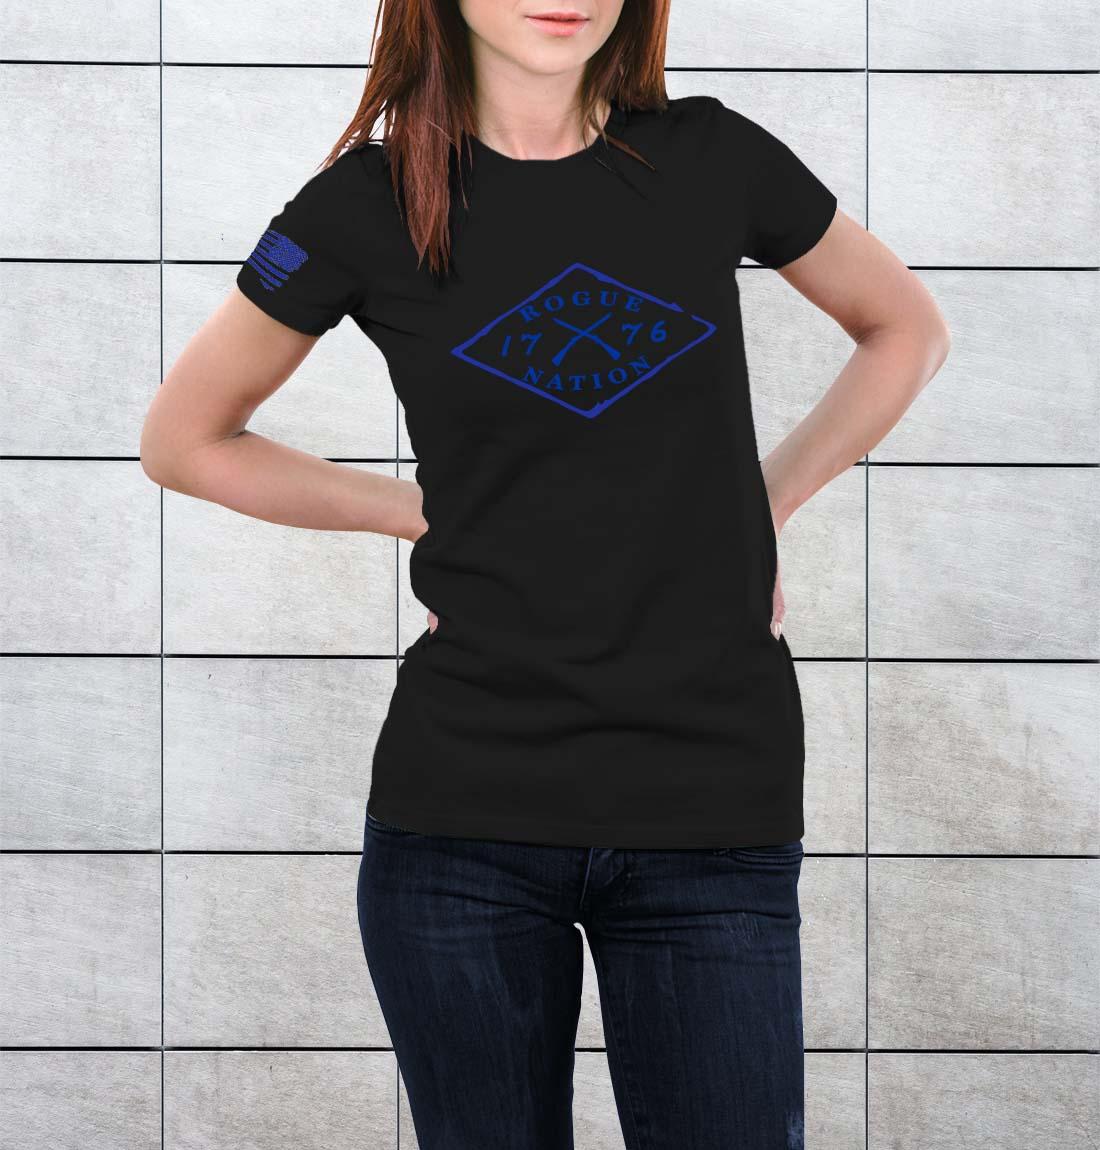 t-shirt full logo on black women's